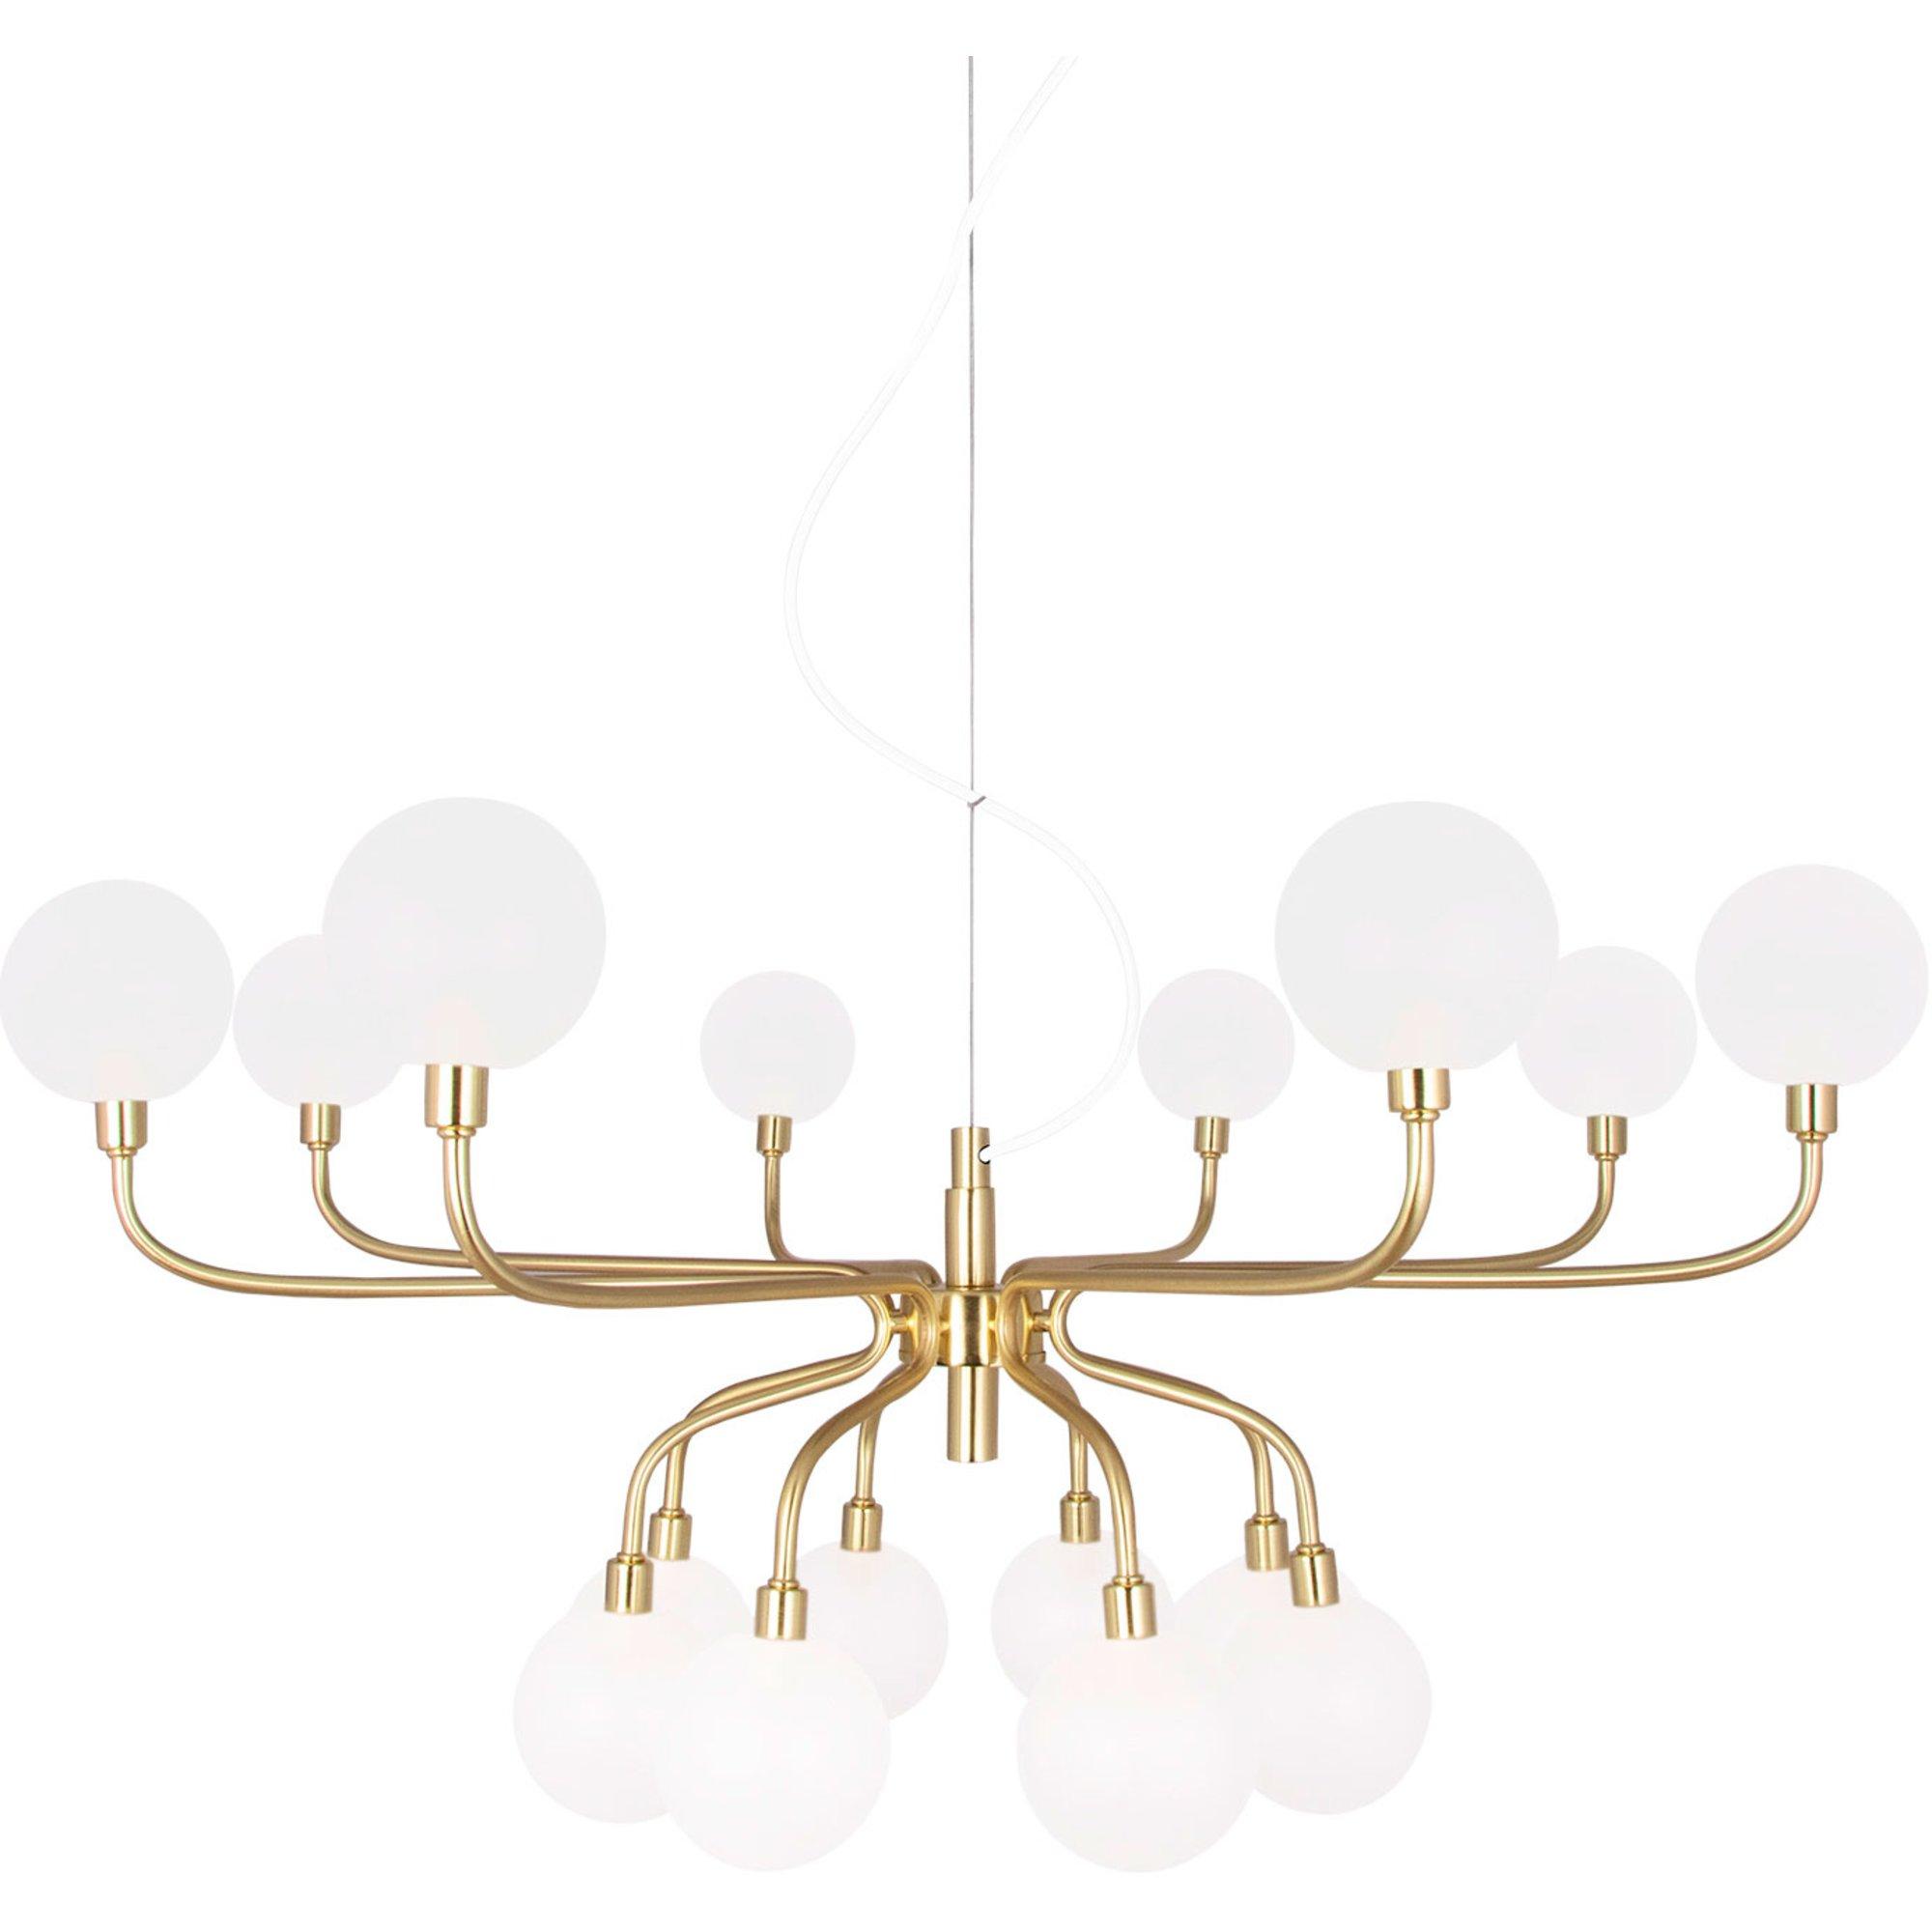 Globen Lighting Mandrino Pendel borstad mässing